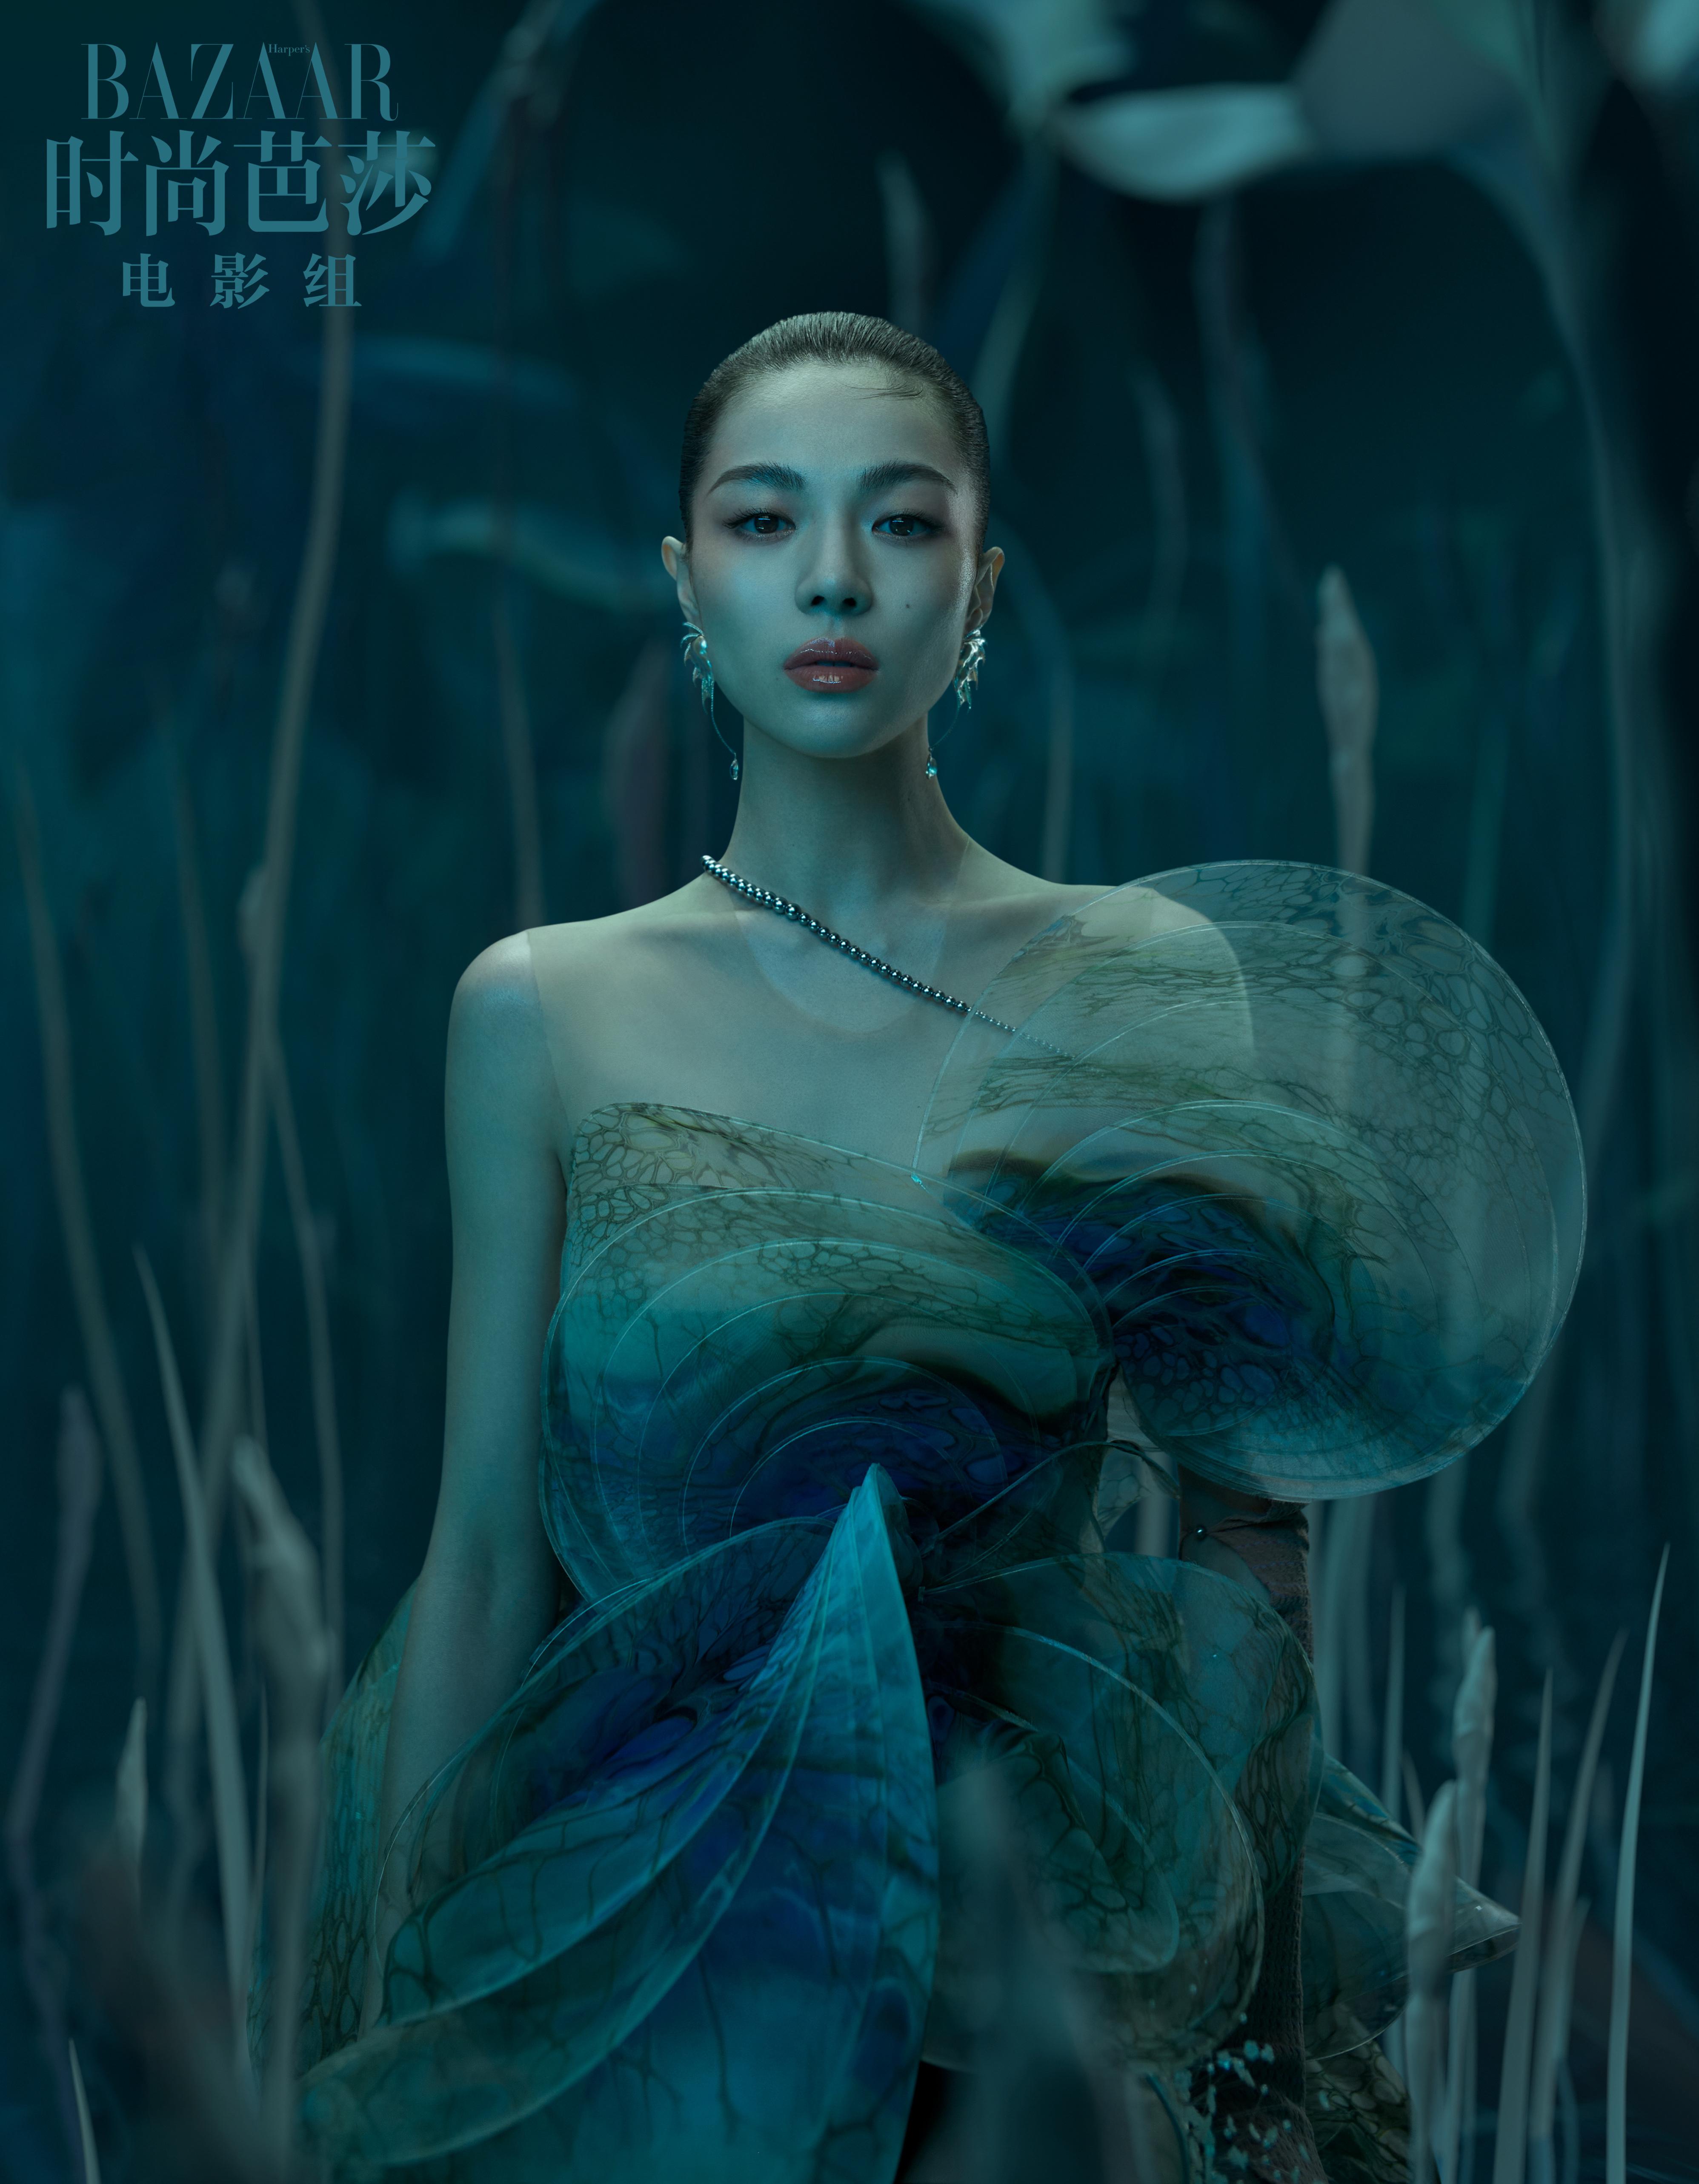 钟楚曦镜花水月大片公布 尤物与灵兽打造梦幻画面 第1张